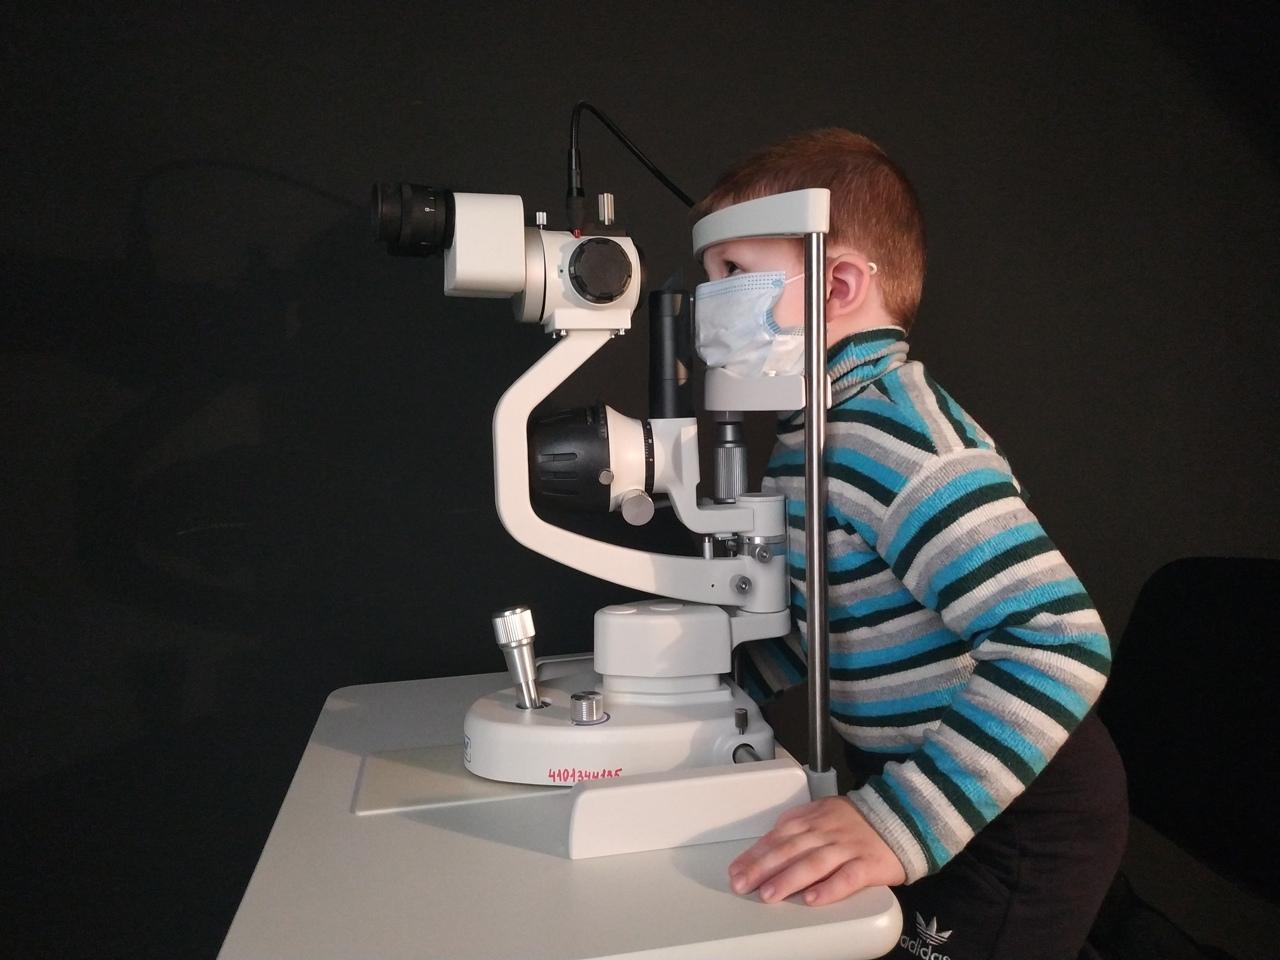 Новый аппарат появился в сысертской детской поликлинике в 2020 году